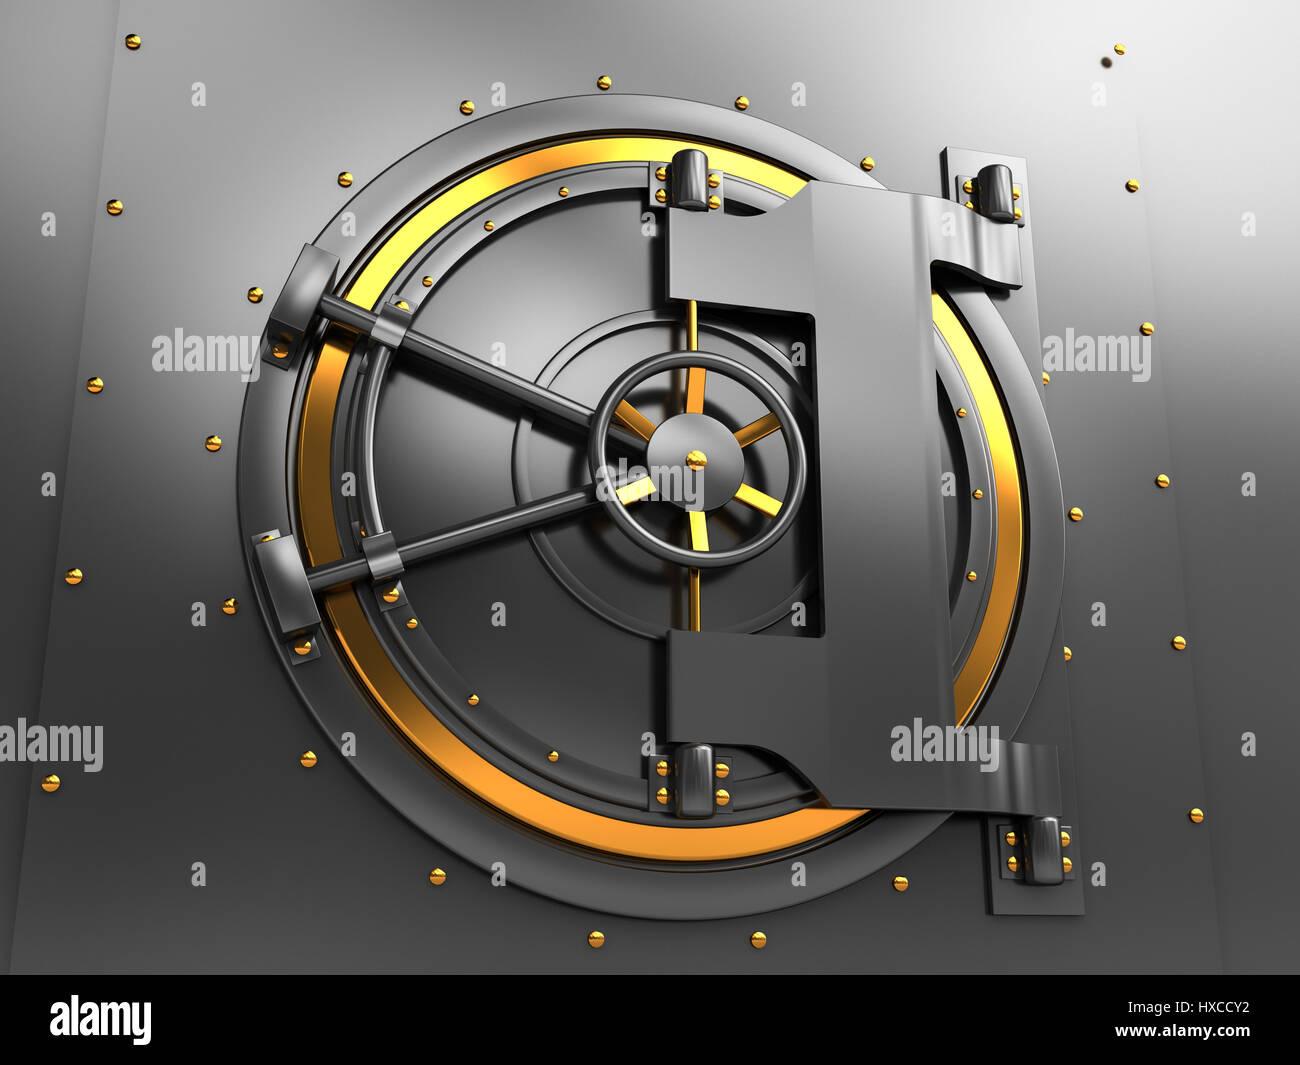 3d illustration of bank vault door, dark gray and golden colors - Stock Image